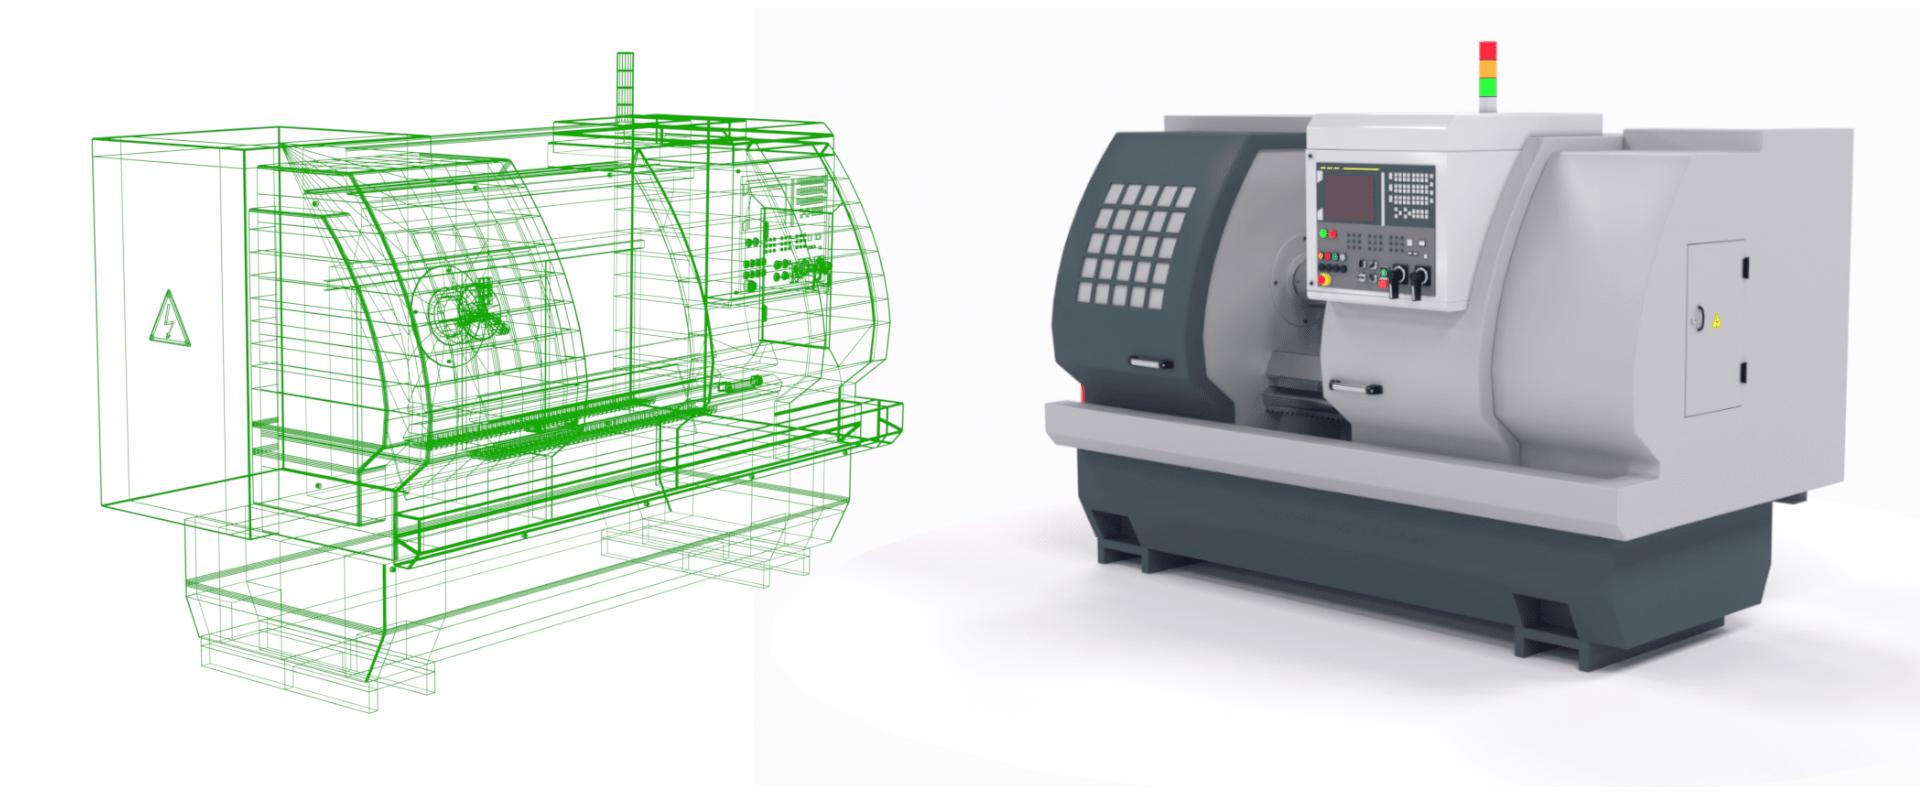 A Digital Twin of a CNC Machine